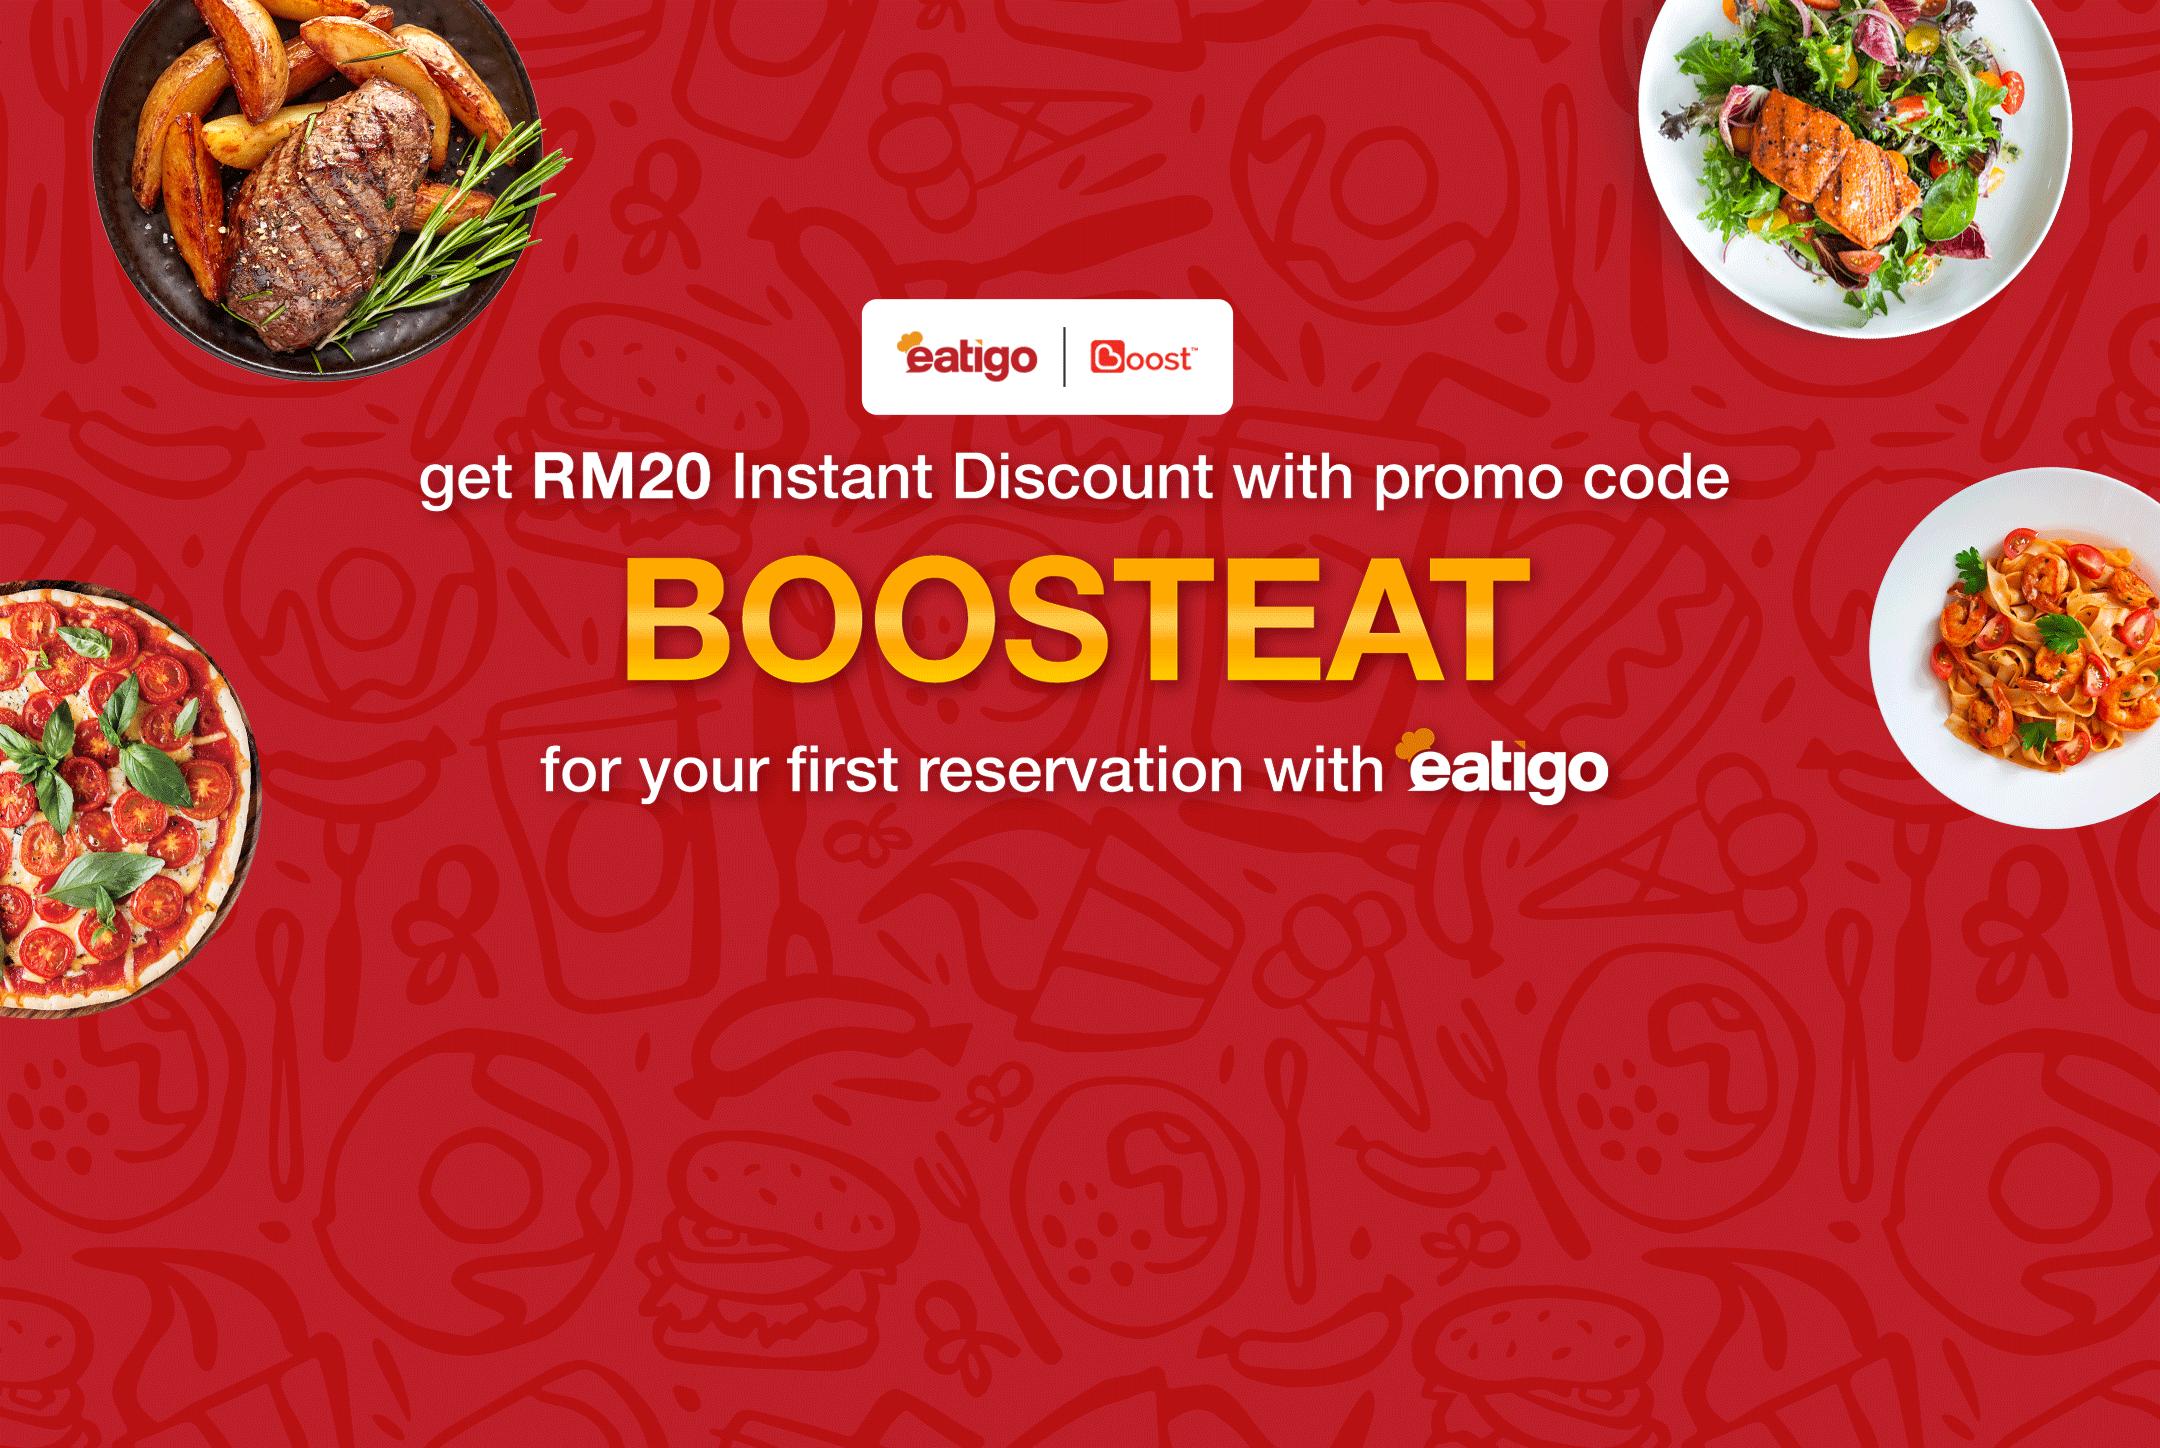 Boosted eats with eatigo - Eatigo Malaysia - Blog